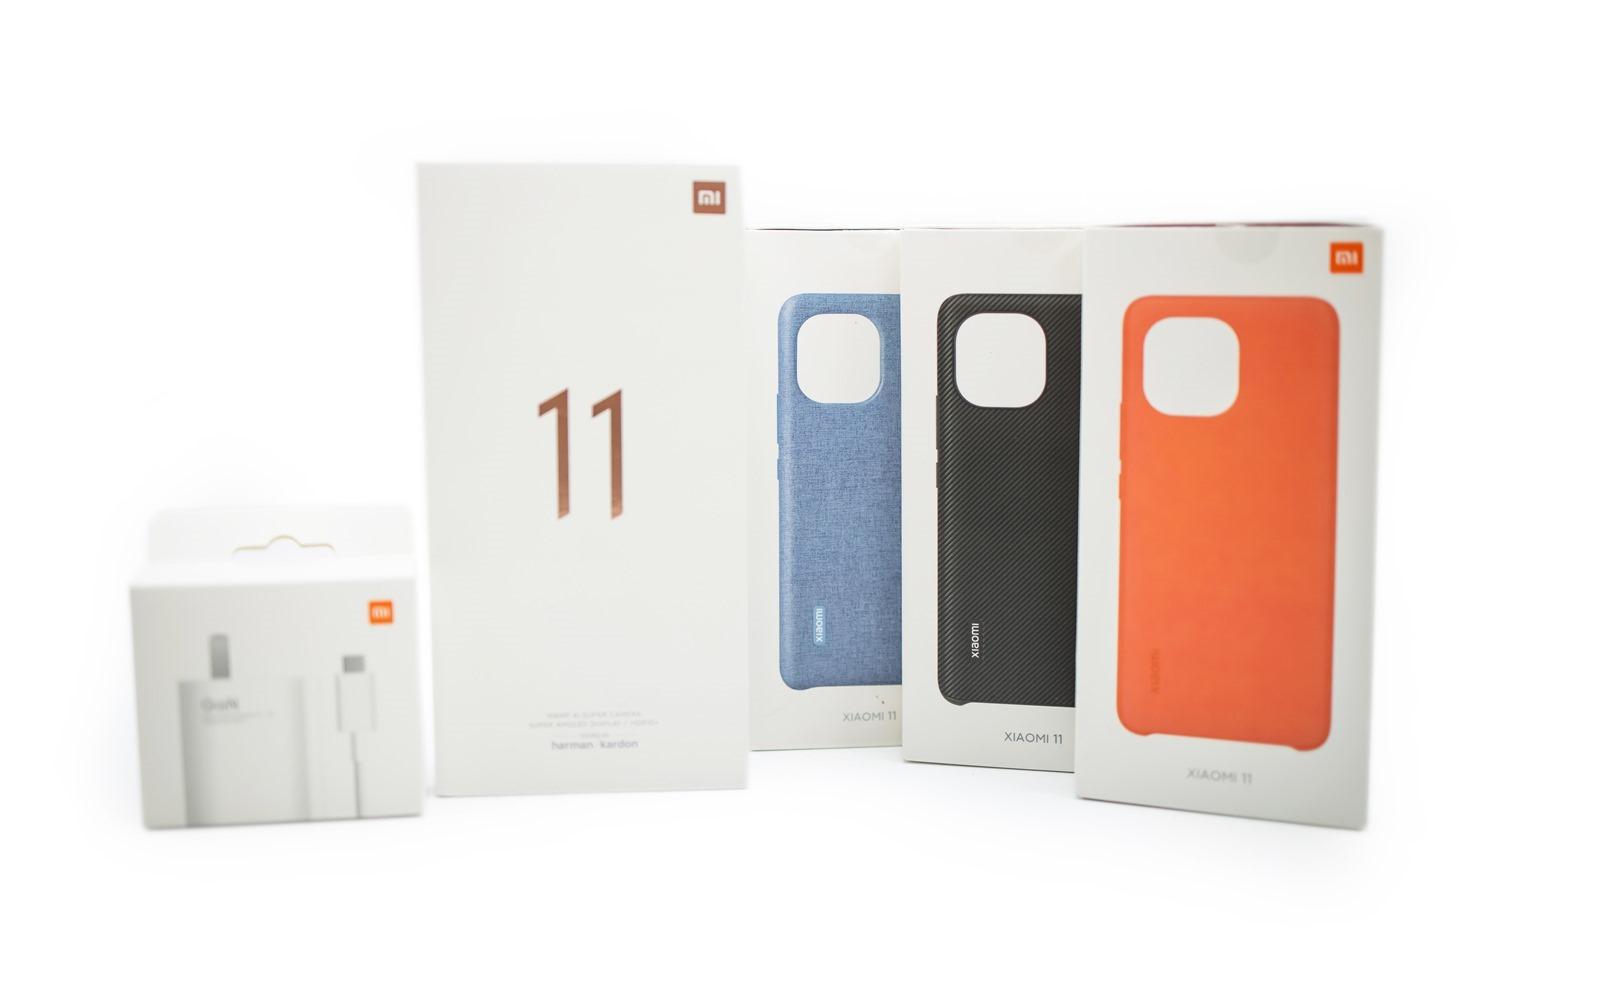 首款高通 S888 處理器手機來了!小米 11 性能測試 / 電力續行 / 充電實測 / 遊戲測試 @3C 達人廖阿輝